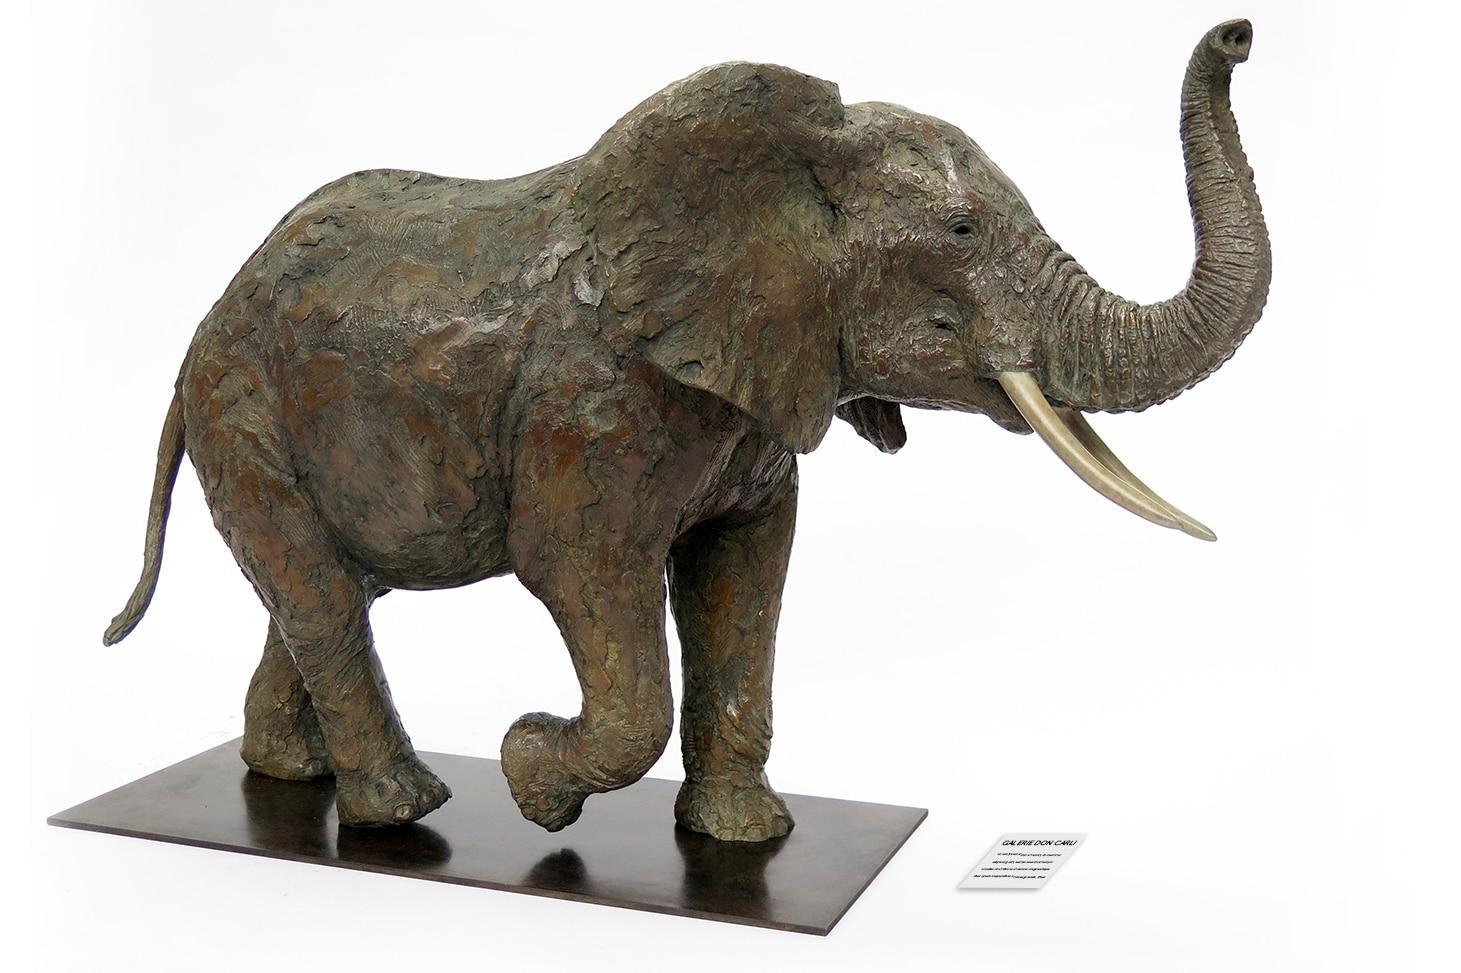 Eléphant sculpture réalisée par Pierre-Jean Chabert